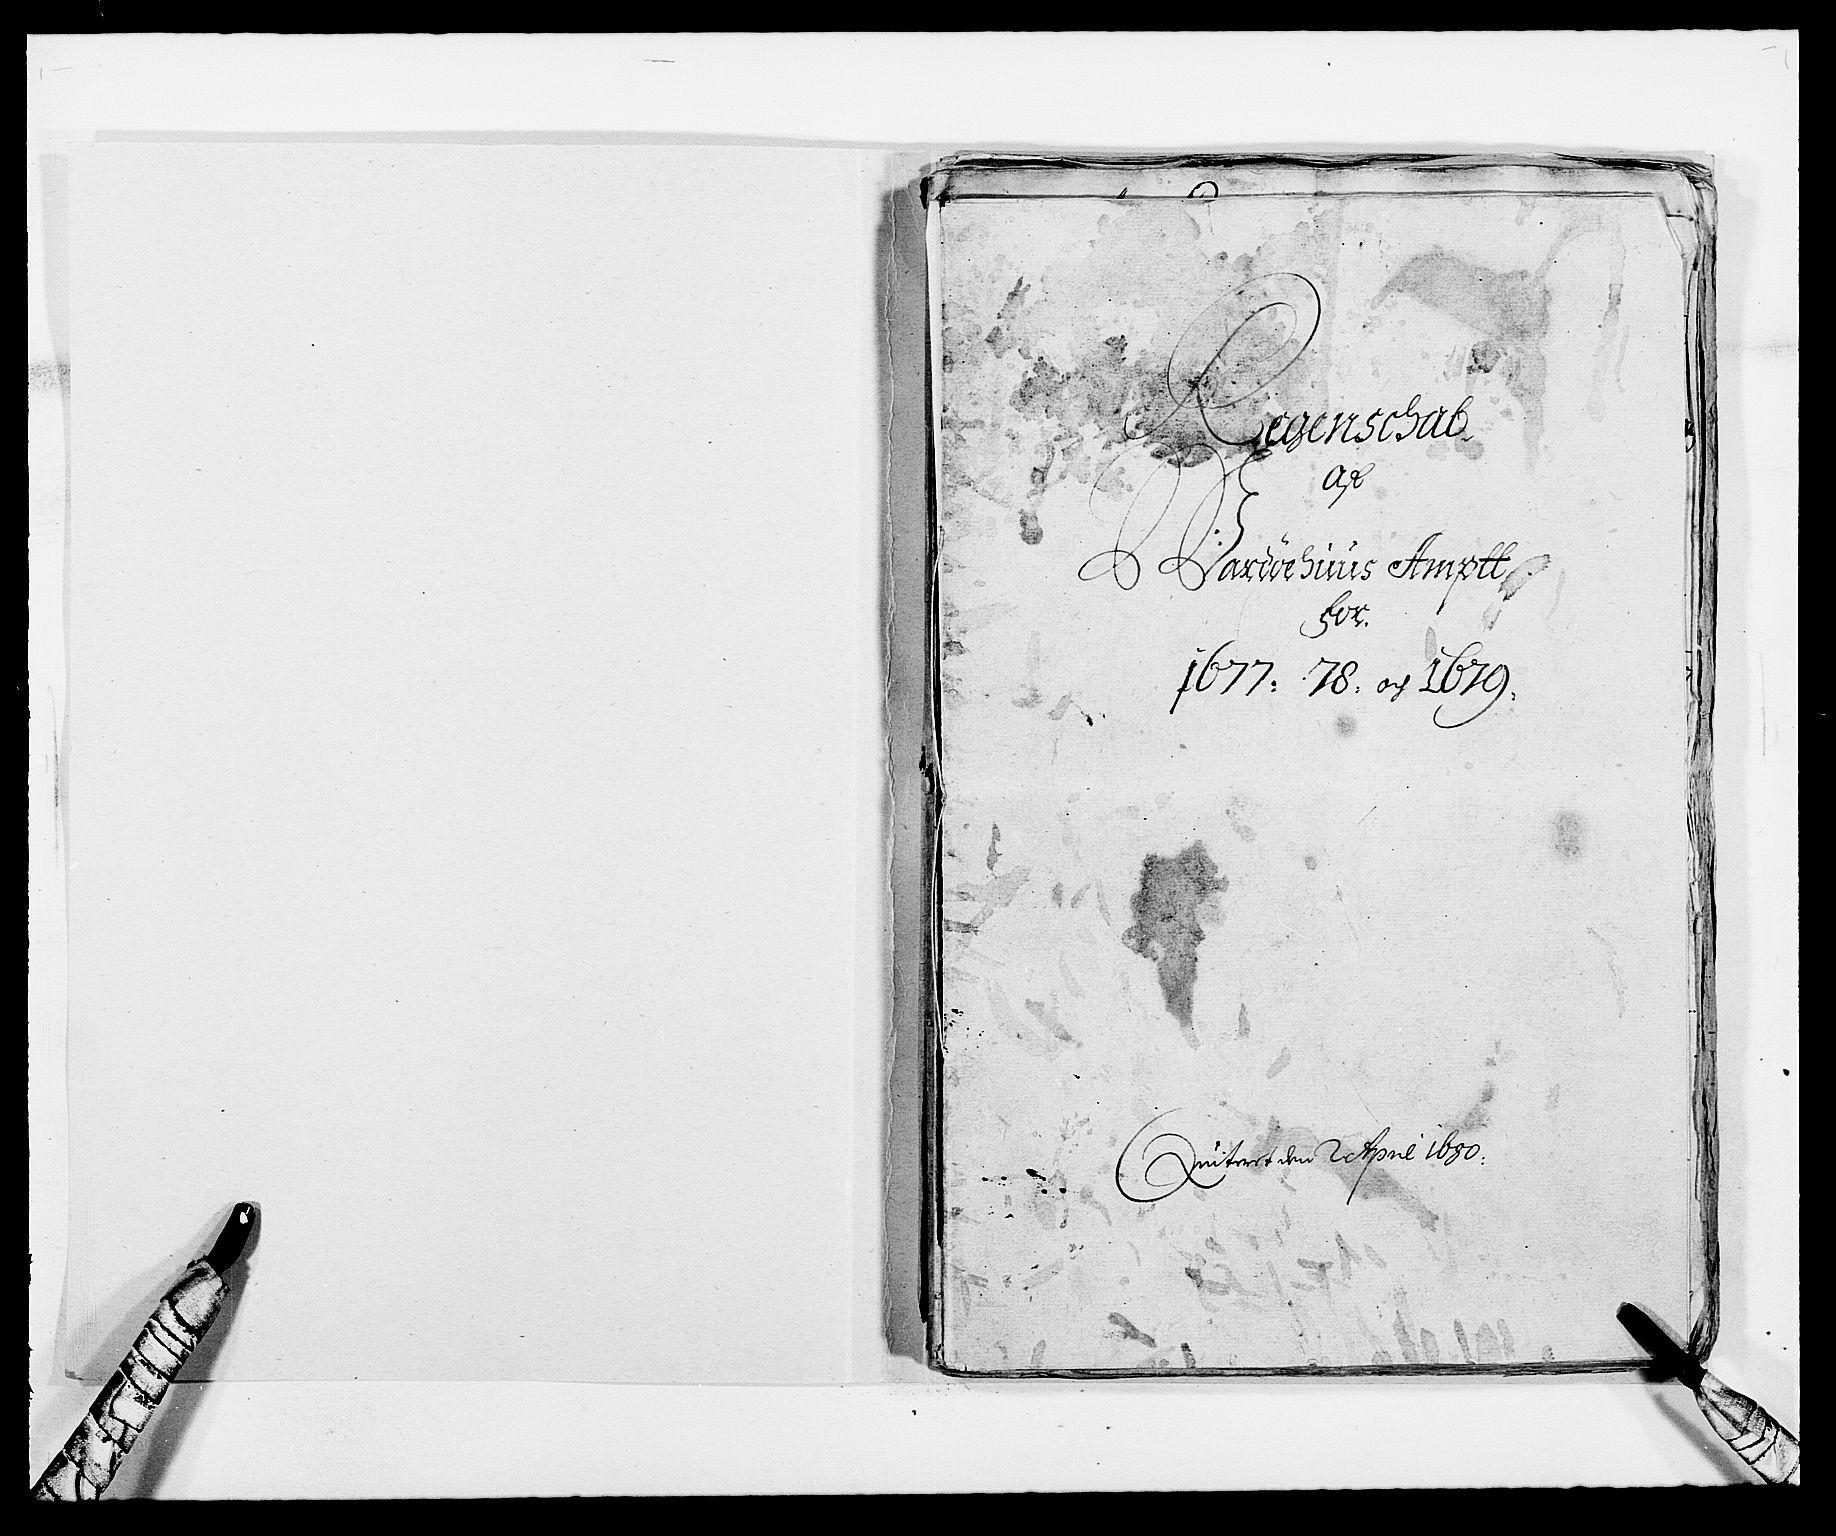 RA, Rentekammeret inntil 1814, Reviderte regnskaper, Fogderegnskap, R69/L4849: Fogderegnskap Finnmark/Vardøhus, 1661-1679, s. 372